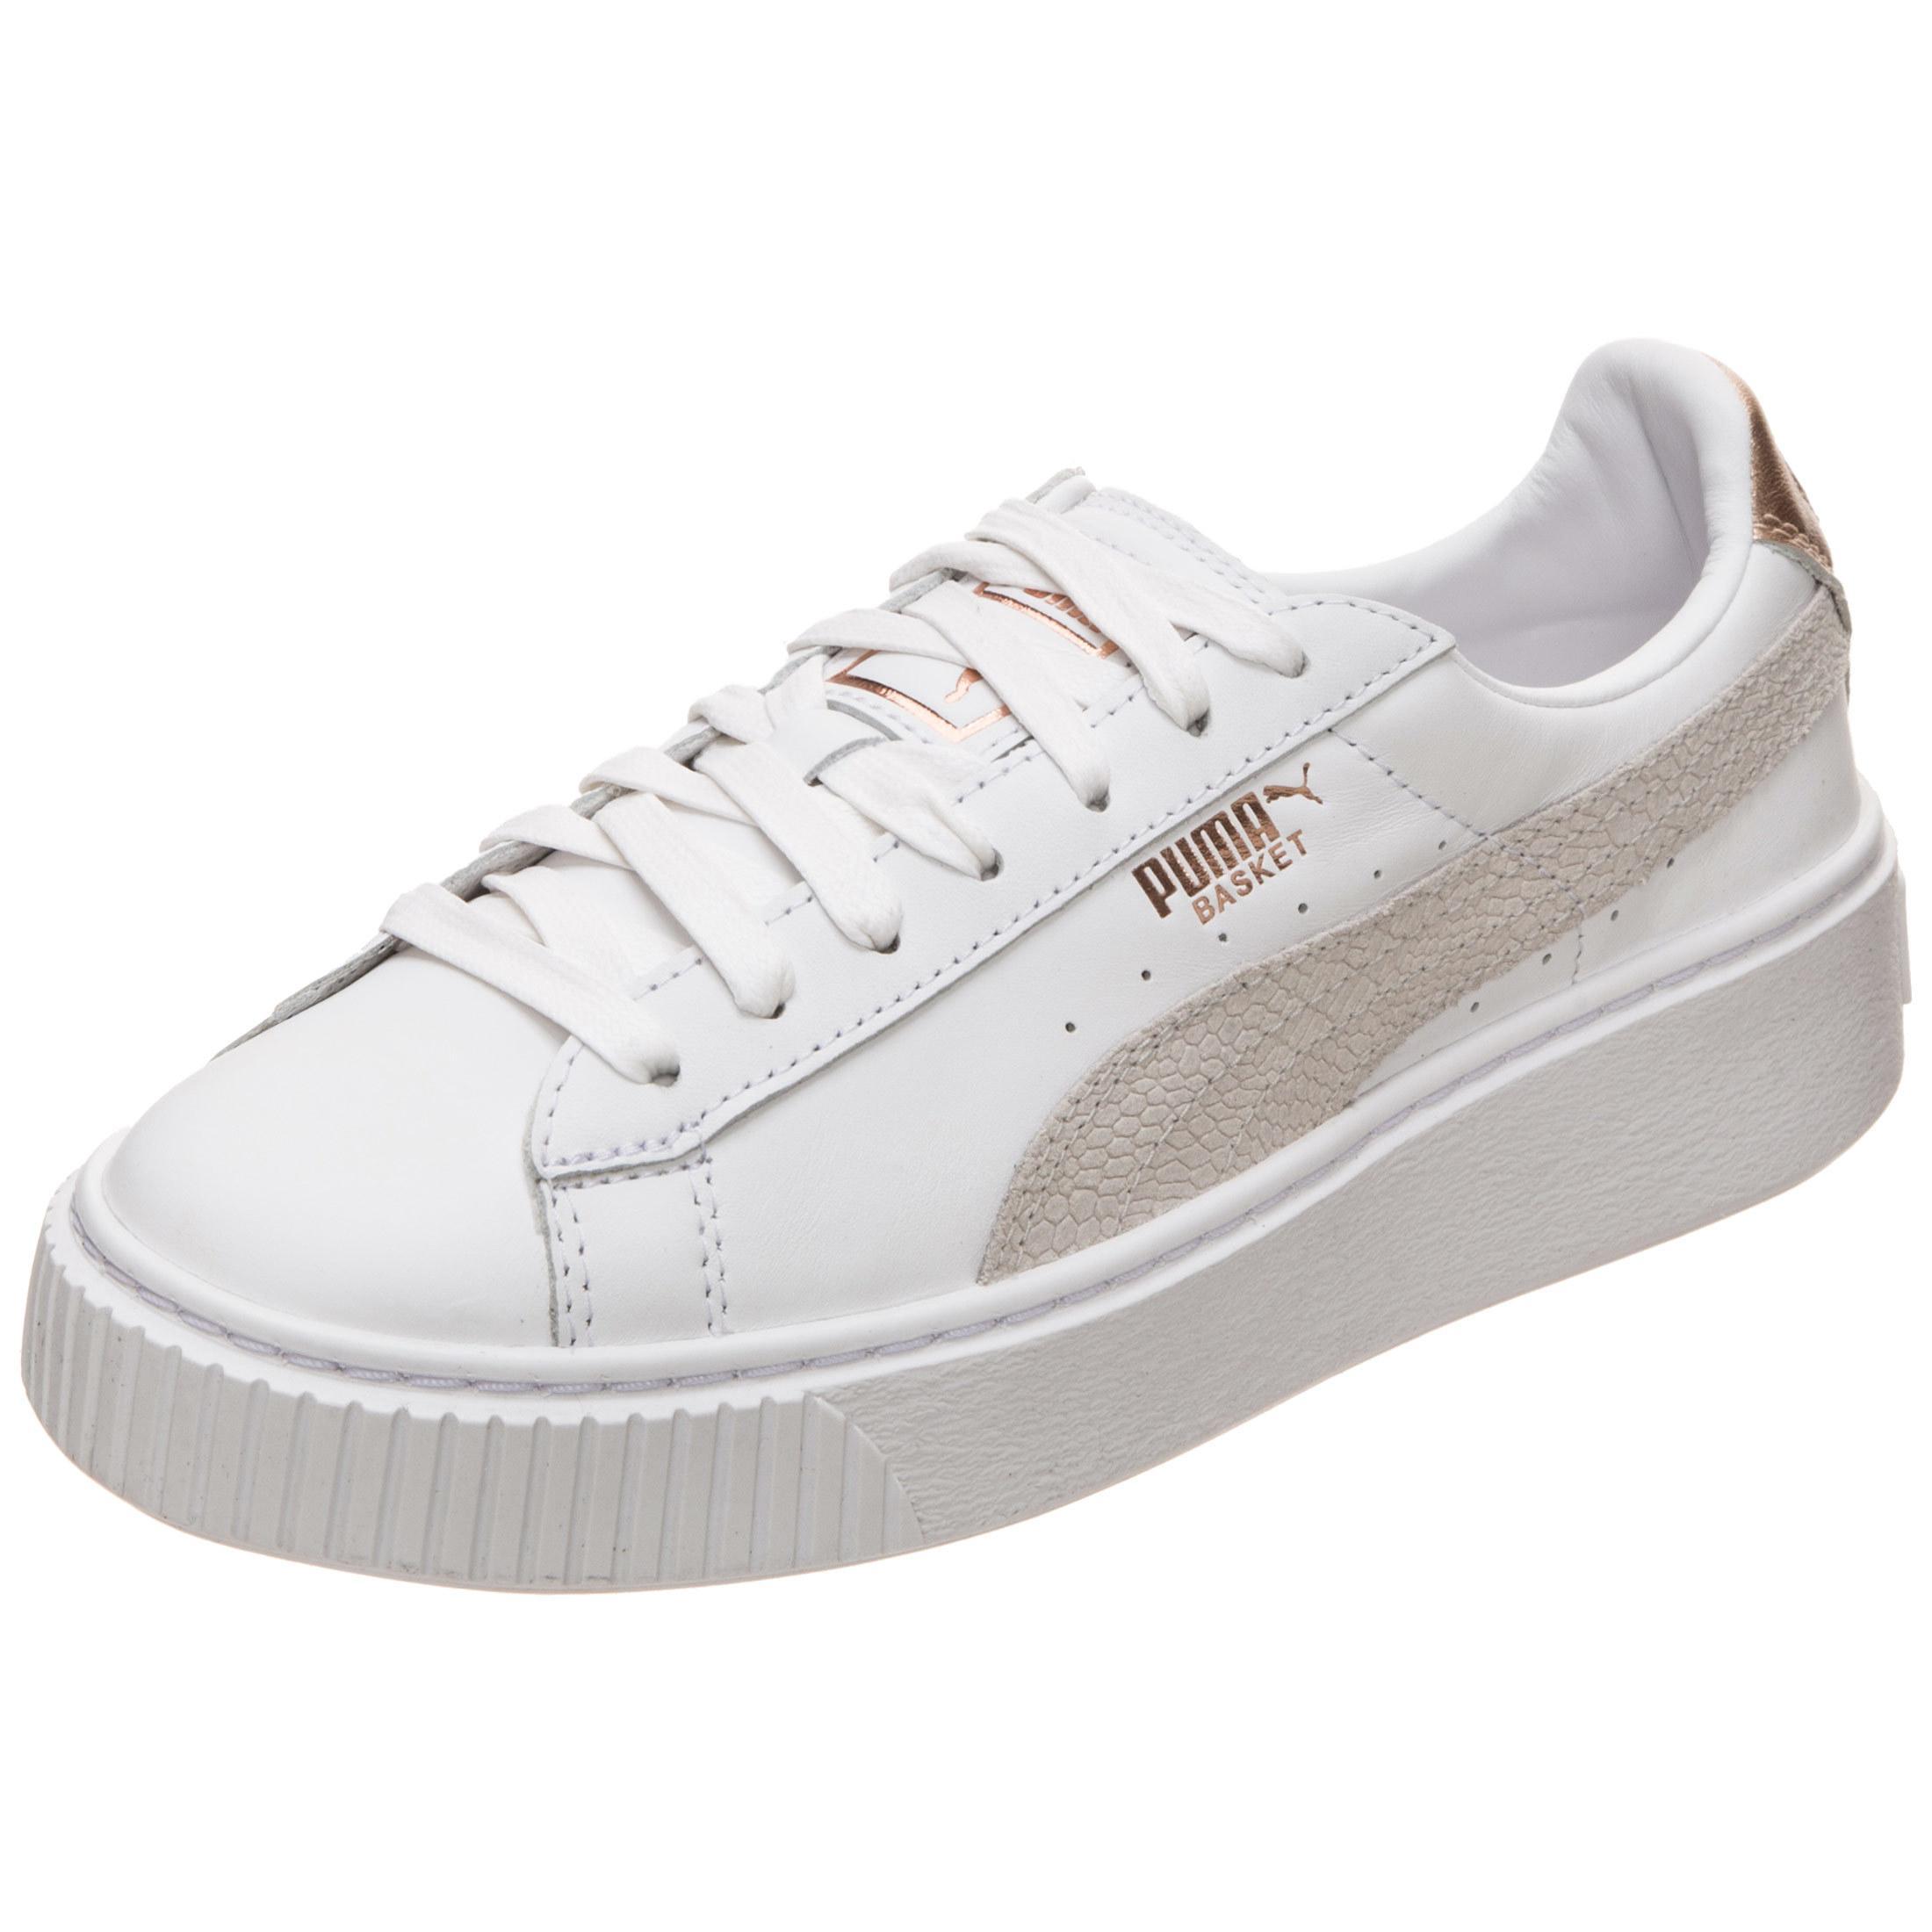 PUMA Basket Platform Euphoria RG Sneaker Damen weiß / rosé gold im Online  Shop von SportScheck kaufen